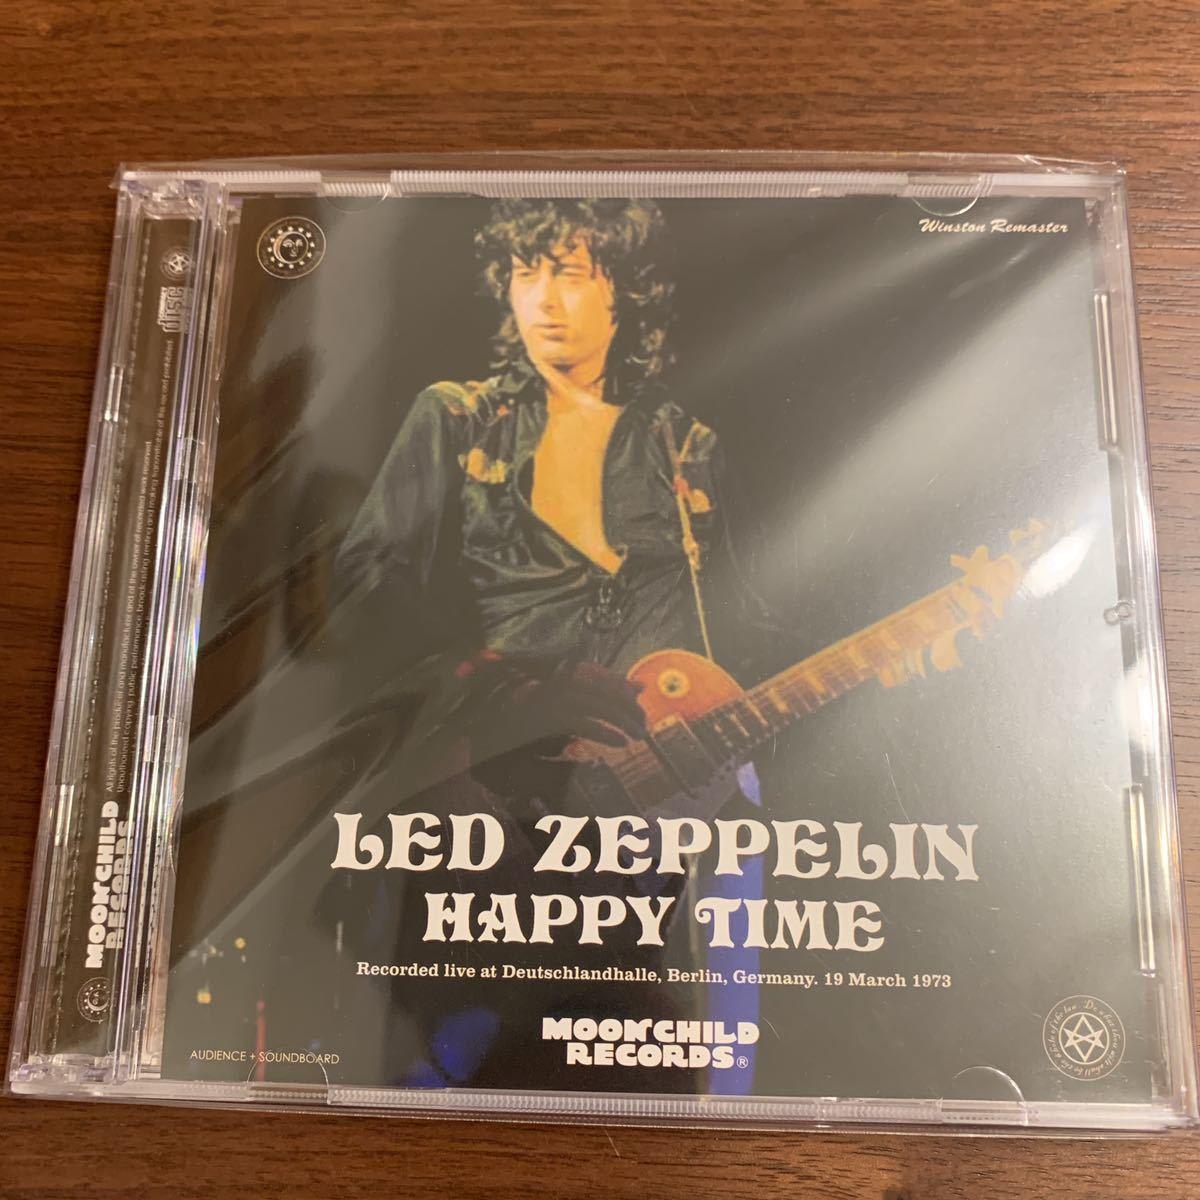 Moonchild Records 2CD Led Zeppelin Happy Time 1973★レッド・ツェッペリン